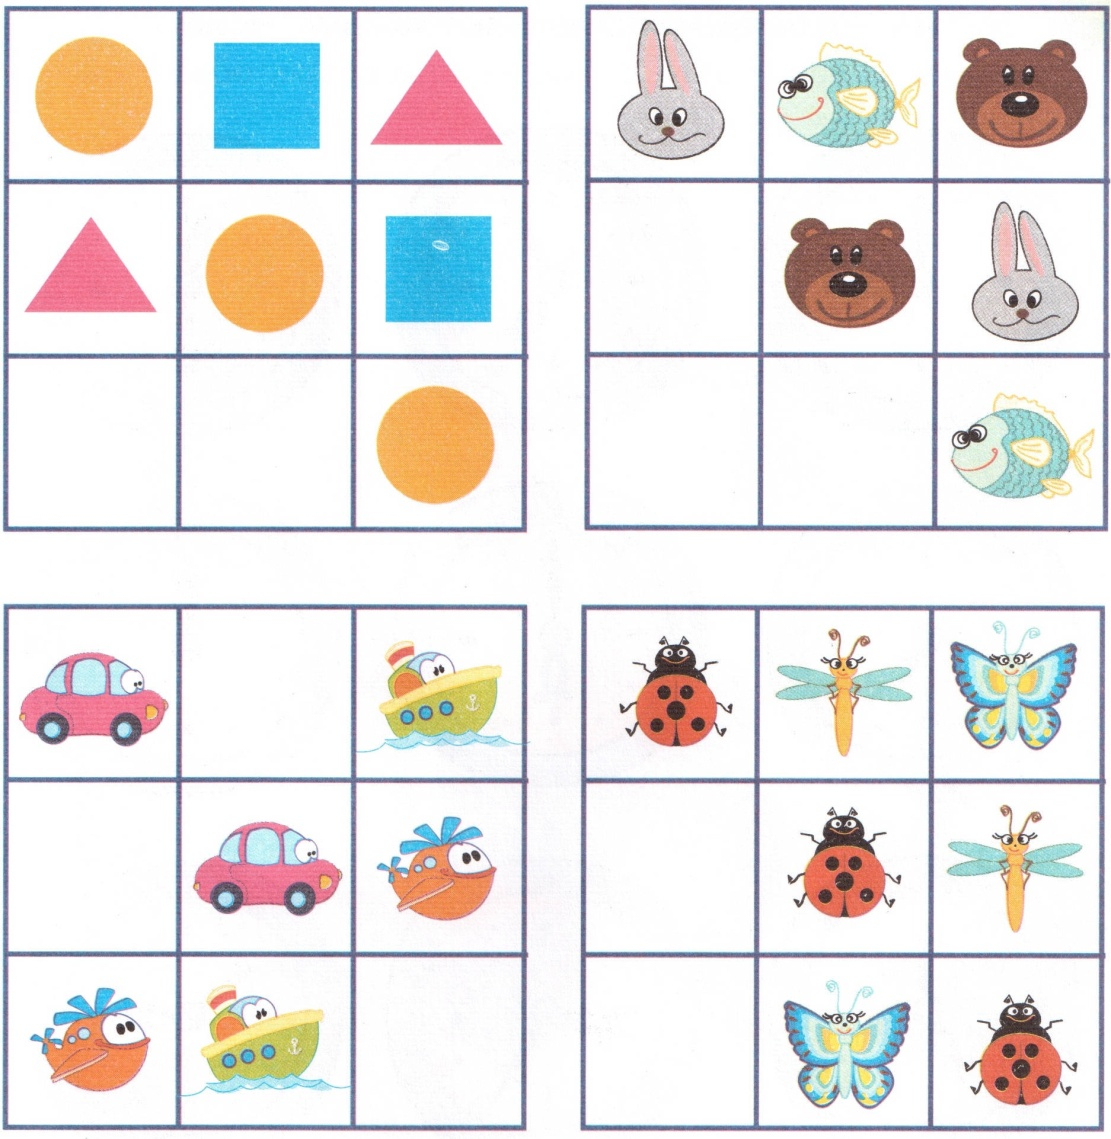 Надписью, познавательные картинки для детей 6-7 лет